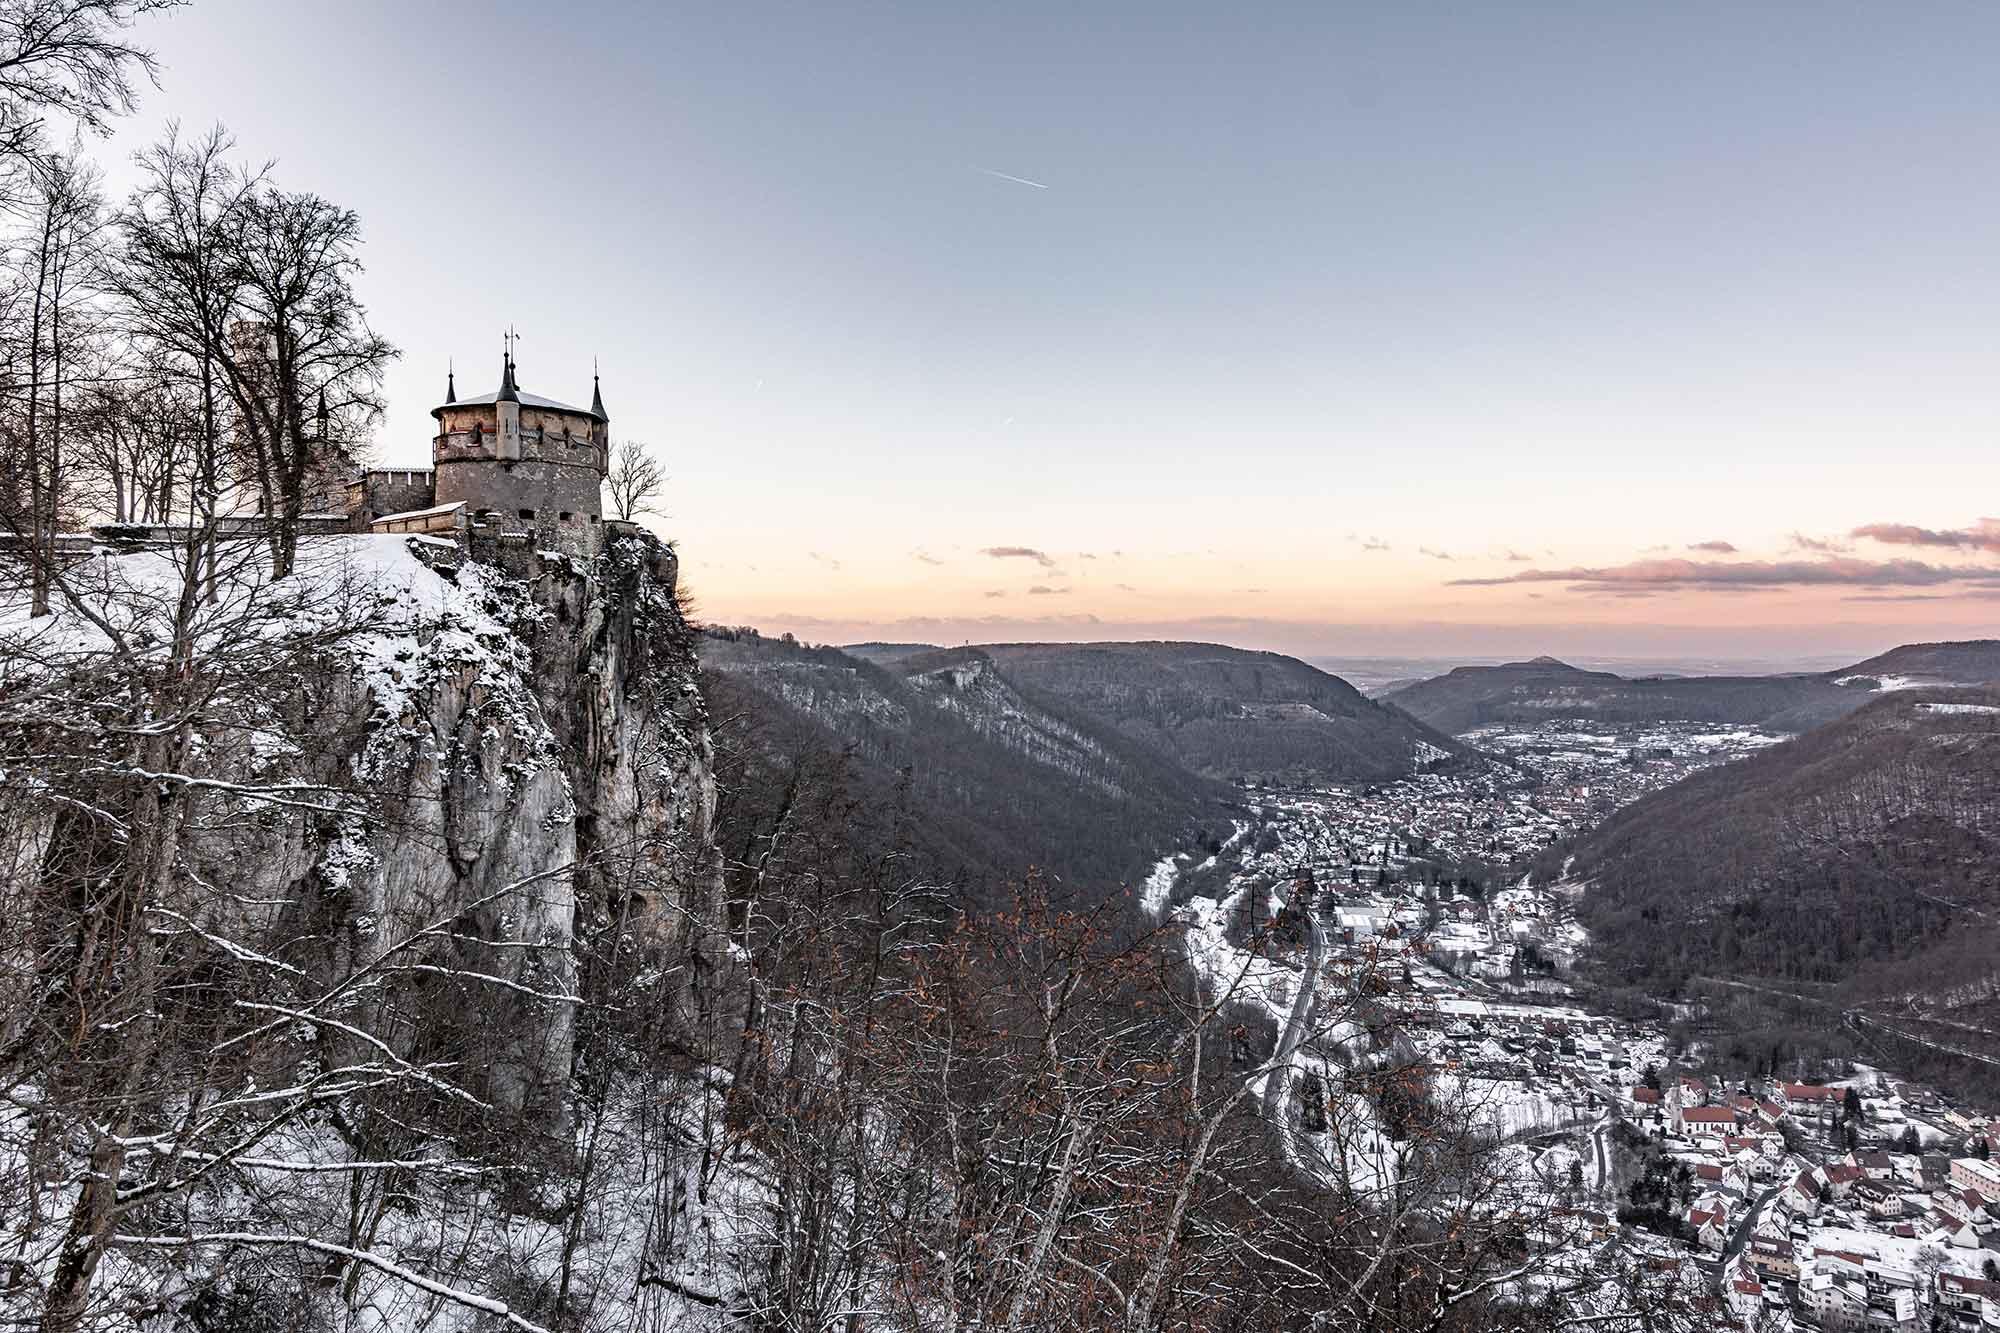 Im Bild ist ein Teil von Schloss Lichtenstein in Baden-Württemberg zu sehen